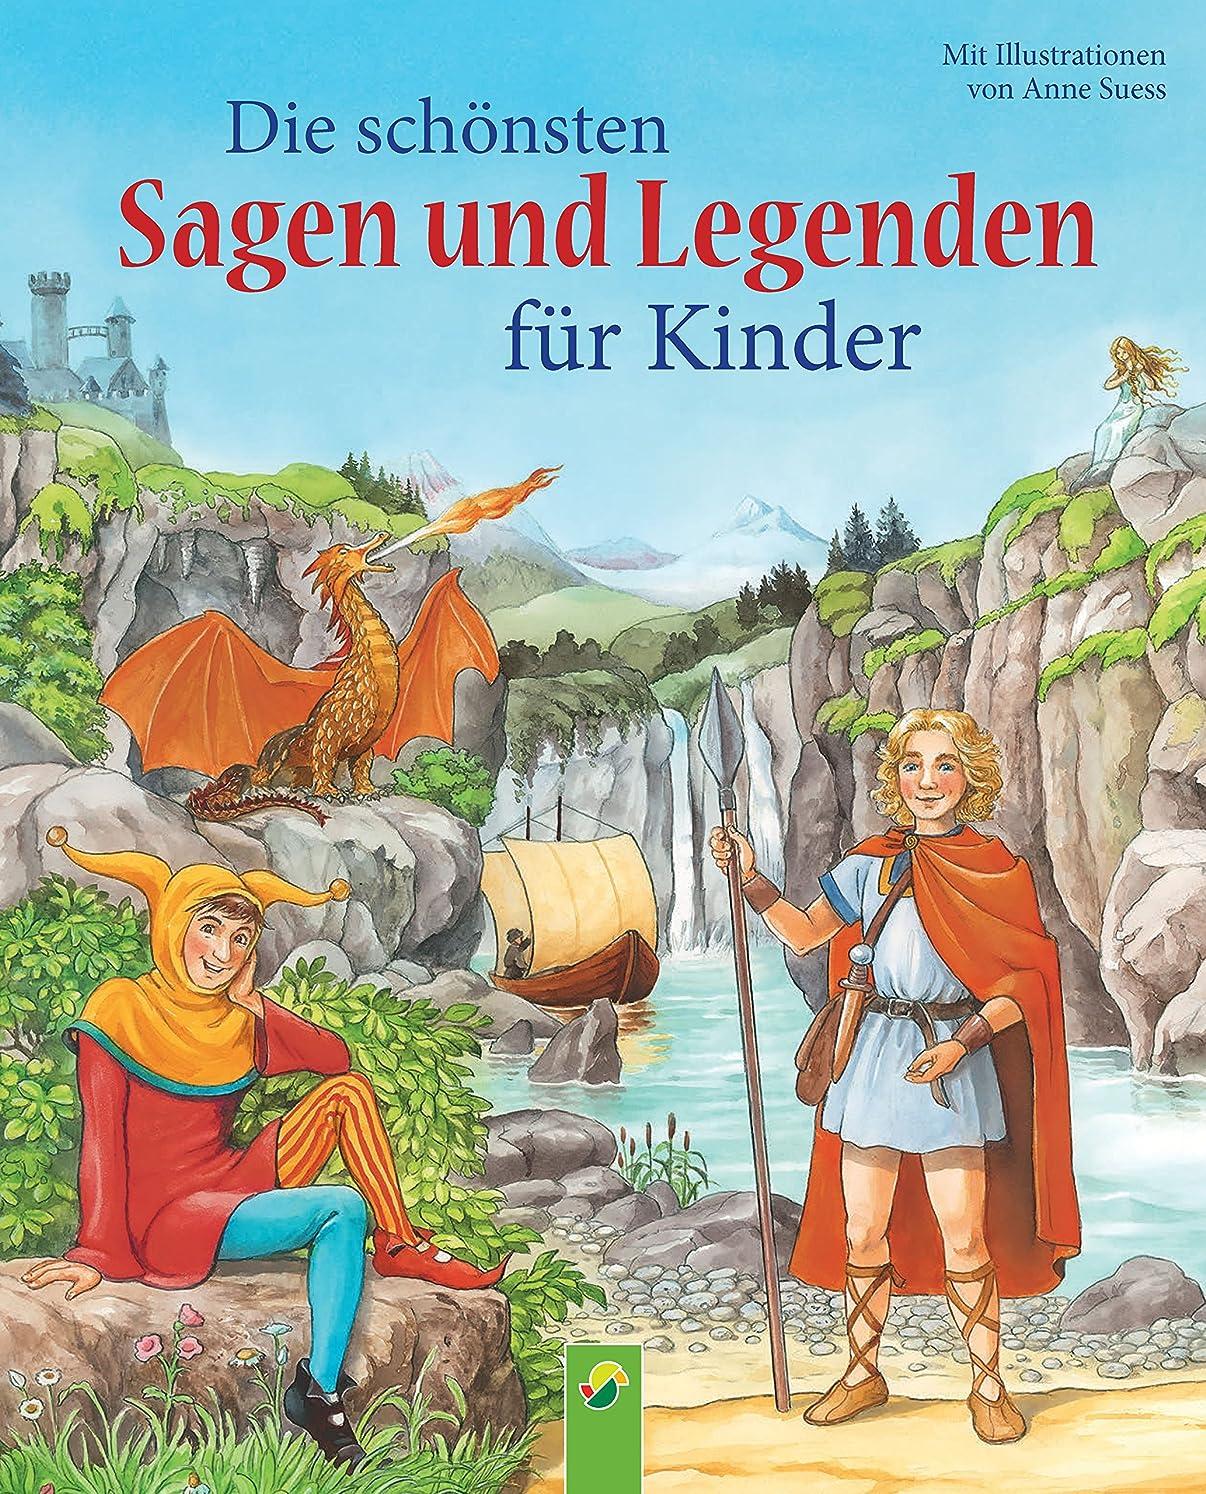 フォーム計り知れない詳細にDie sch?nsten Sagen und Legenden für Kinder: 21 berühmte Geschichten aus alter Zeit (German Edition)